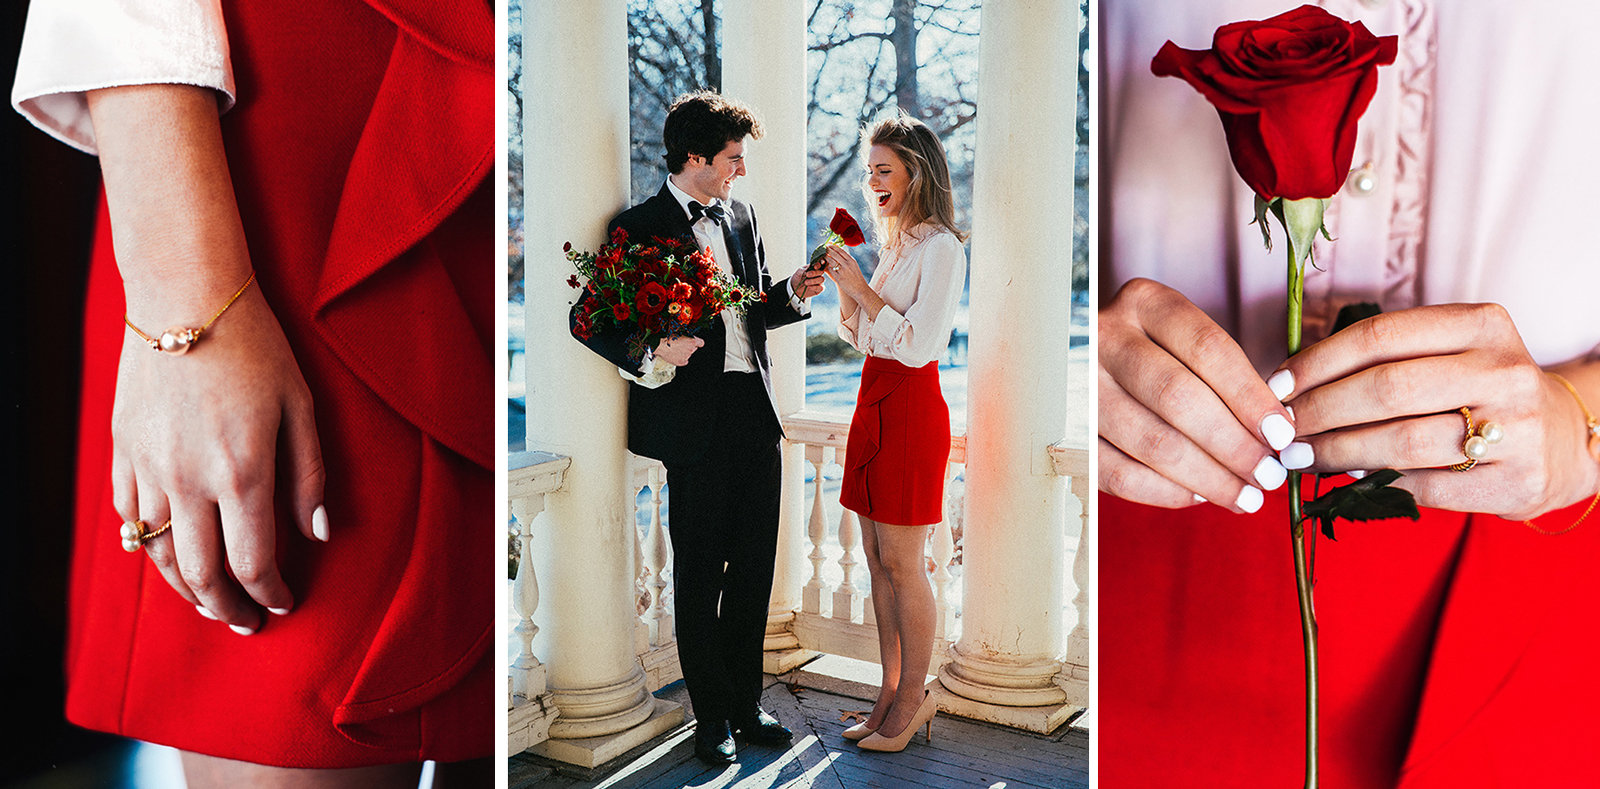 Πρόταση γάμου του Αγίου Βαλεντίνου - 21 Γλυκές ιδέες